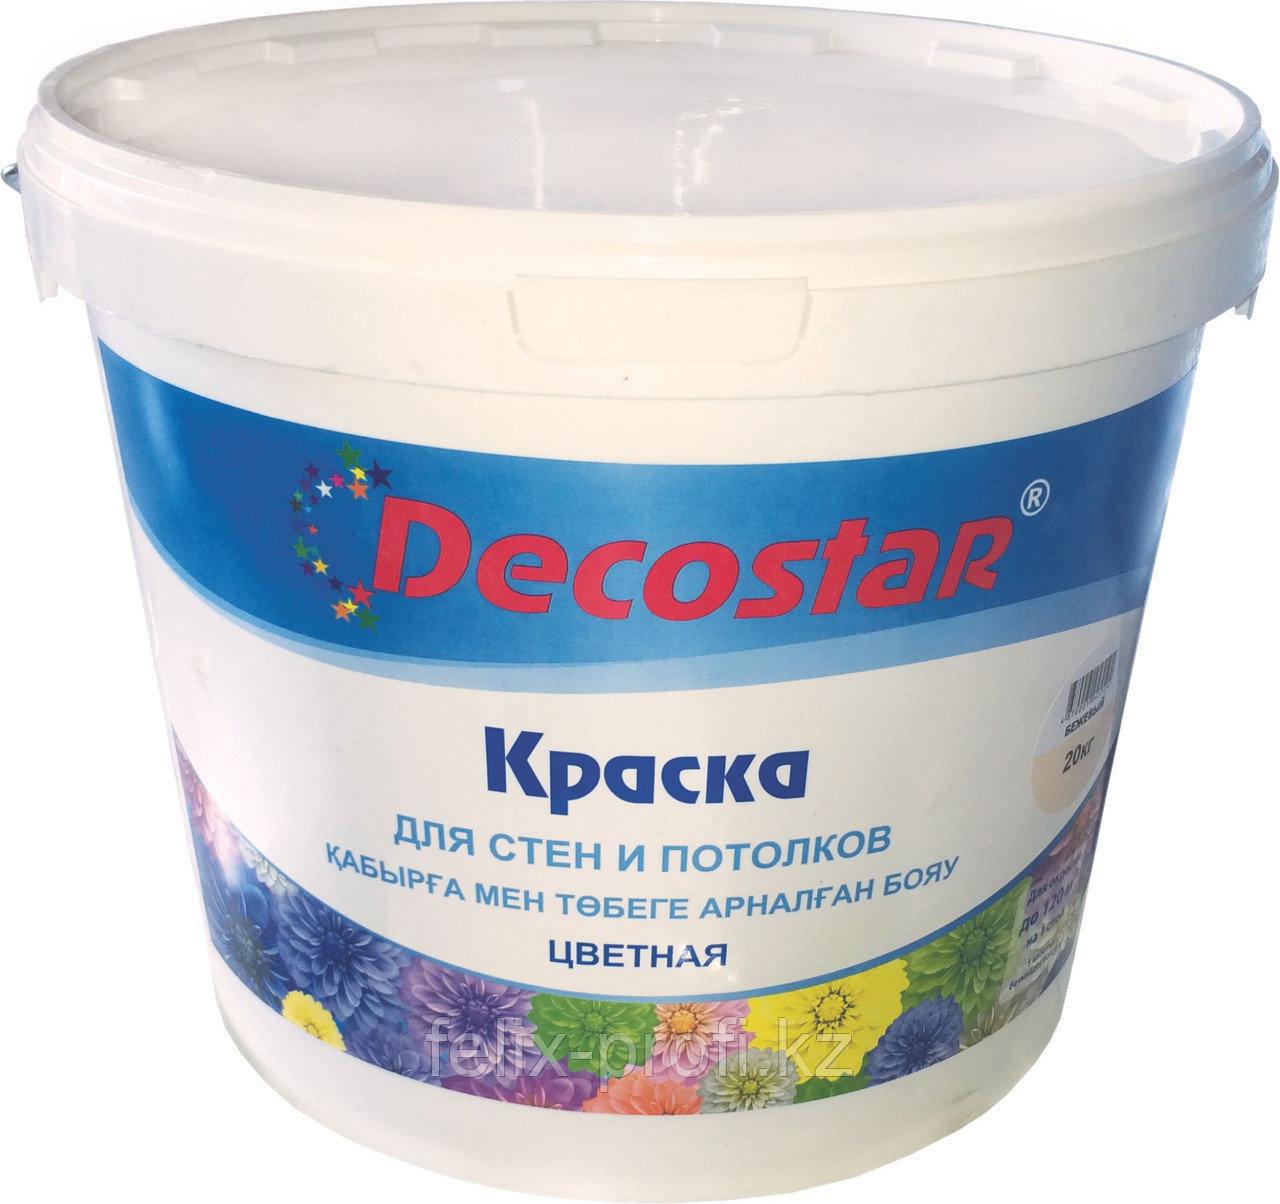 Decostar для стен и потолков, цвет бежевый, 10 кг